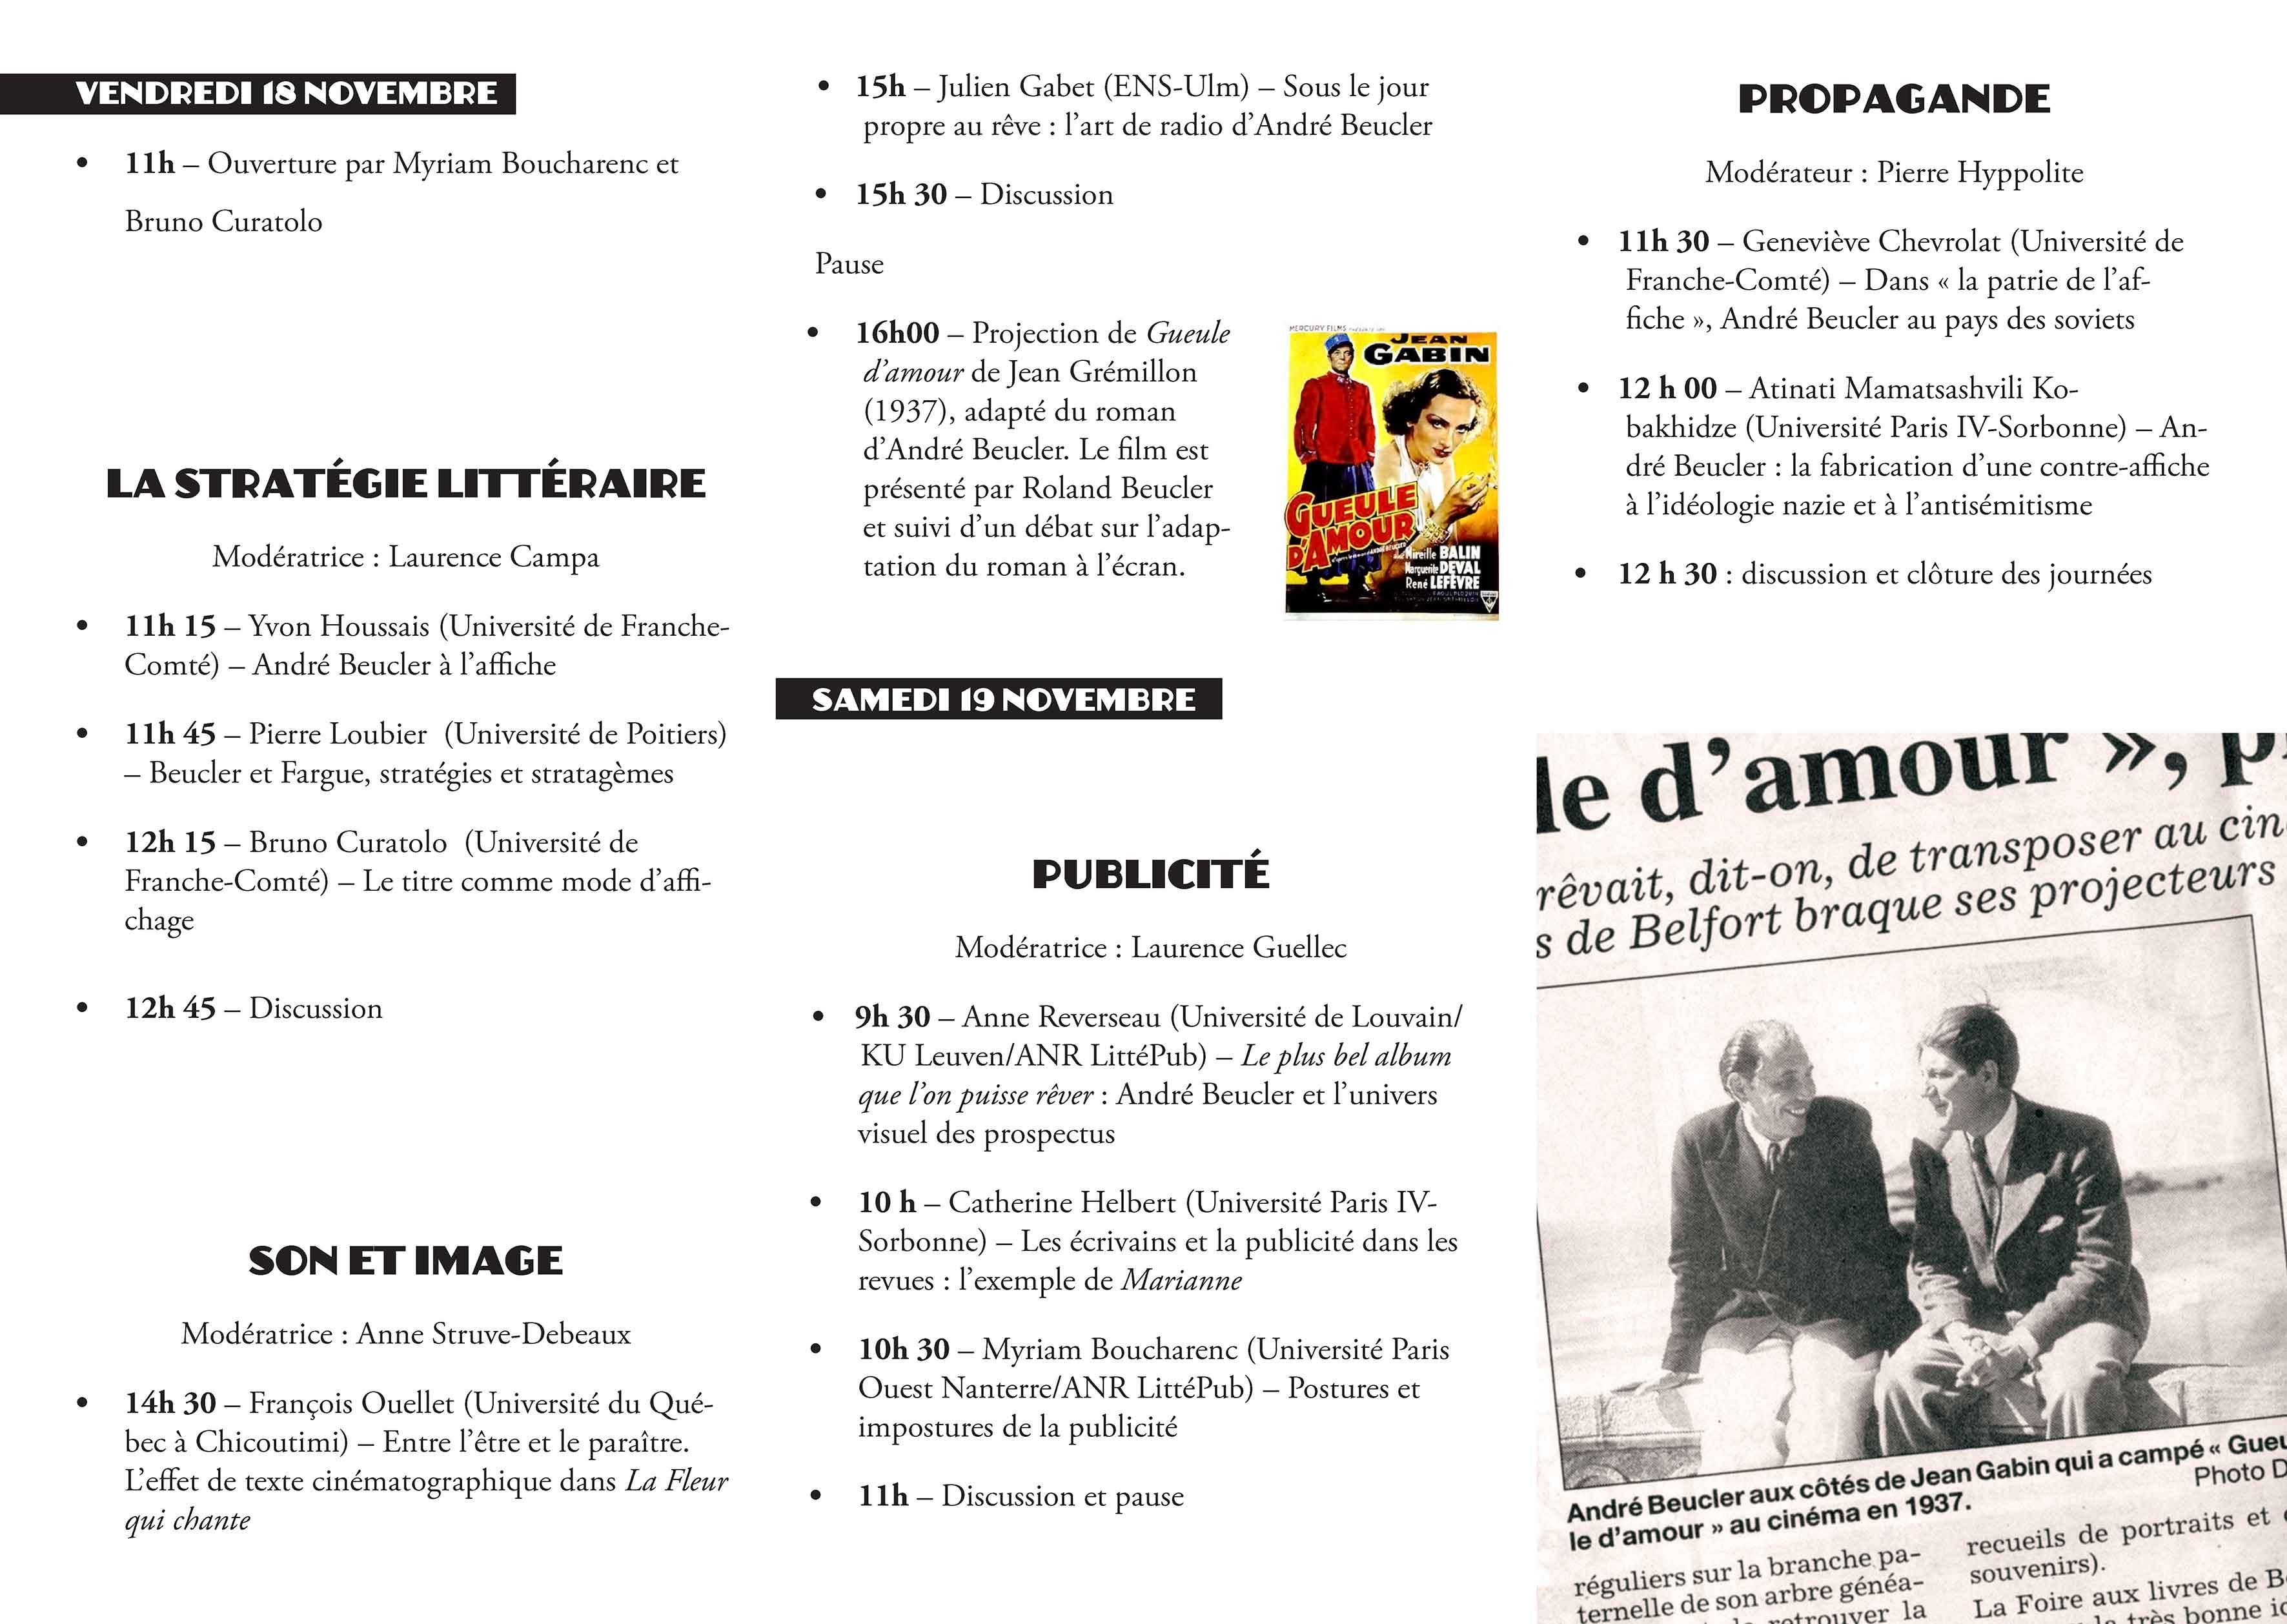 Le site officiel de l'Association André Beucler (1898-1985